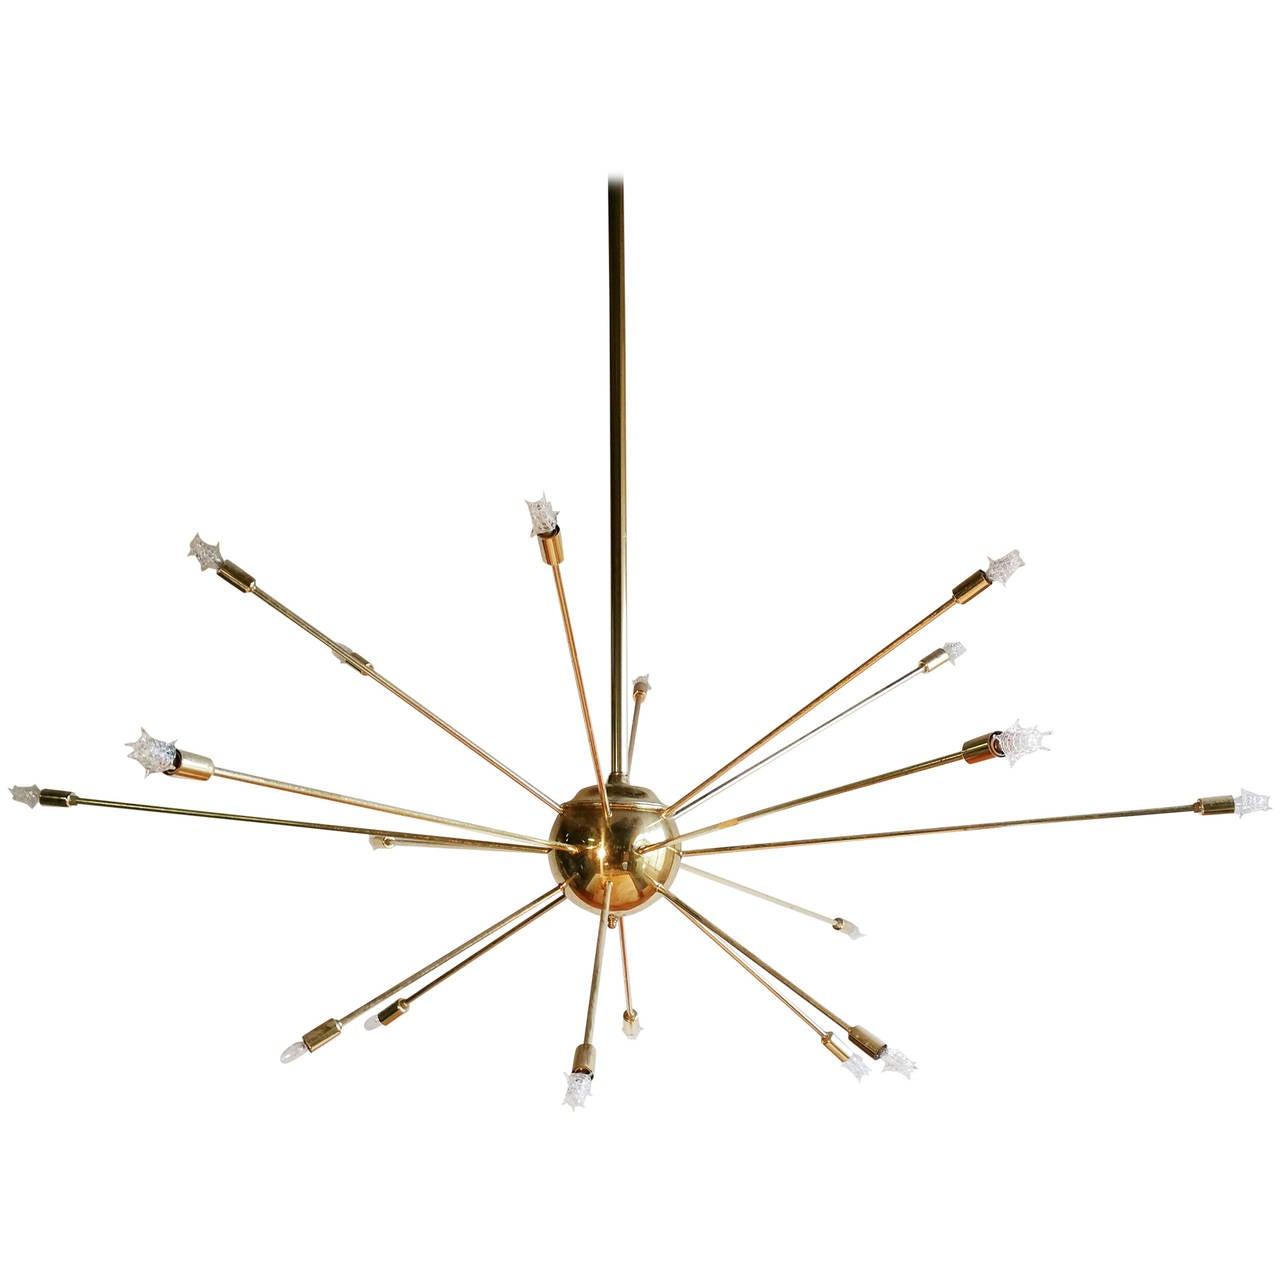 Mid century modern 18 arm sputnik chandelier at 1stdibs for Sputnik chandelier